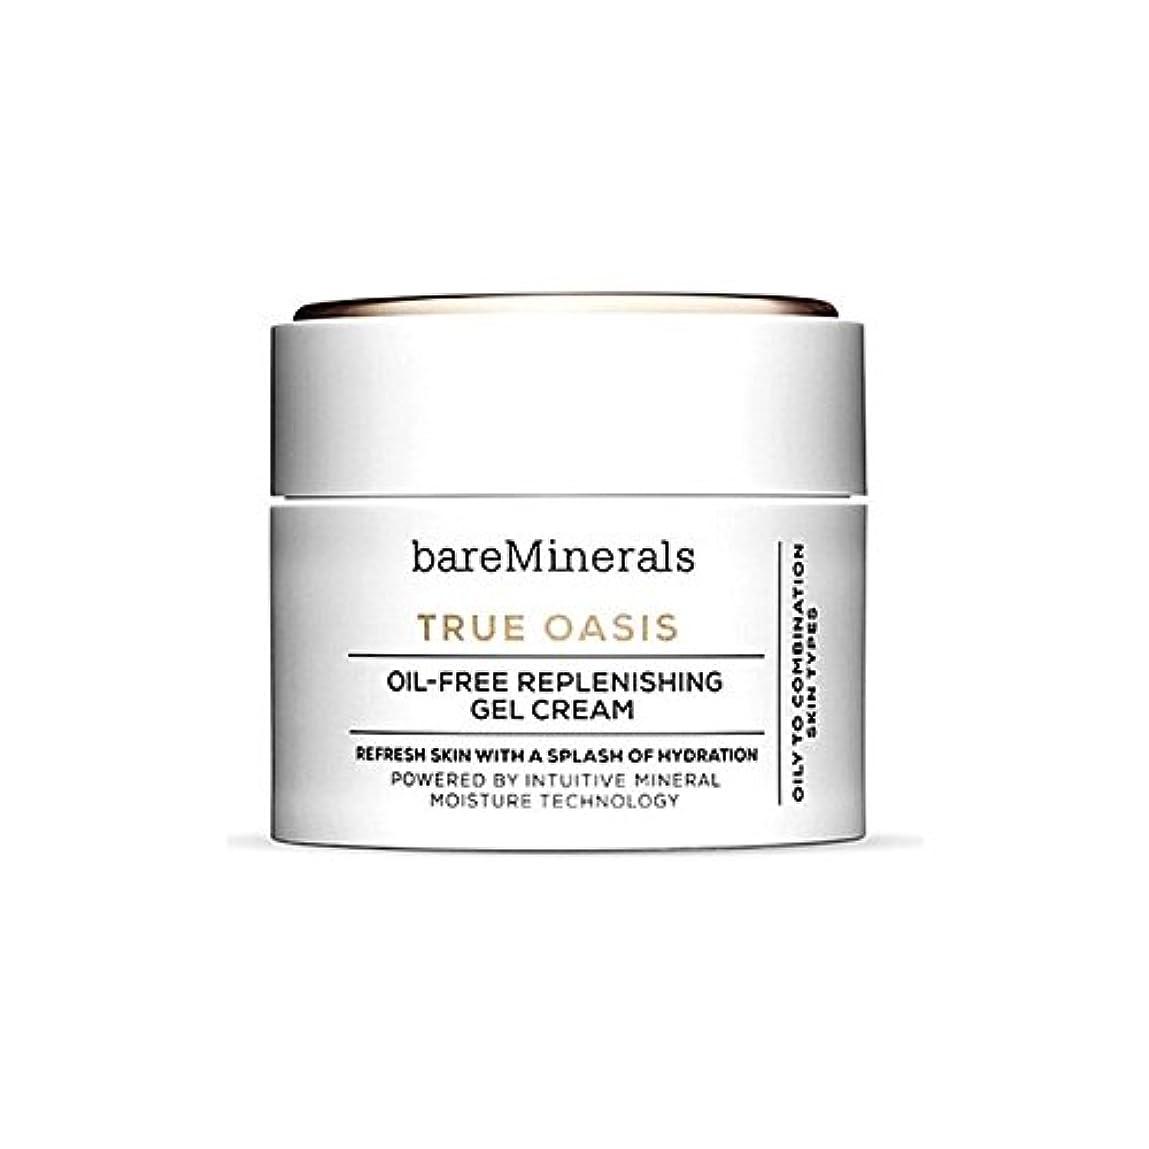 単位取り替えるサンダーベアミネラル真のオアシスオイルフリー補給ゲルクリーム50 x4 - Bare Minerals True Oasis Oil-Free Replenishing Gel Cream 50Ml (Pack of 4) [並行輸入品]